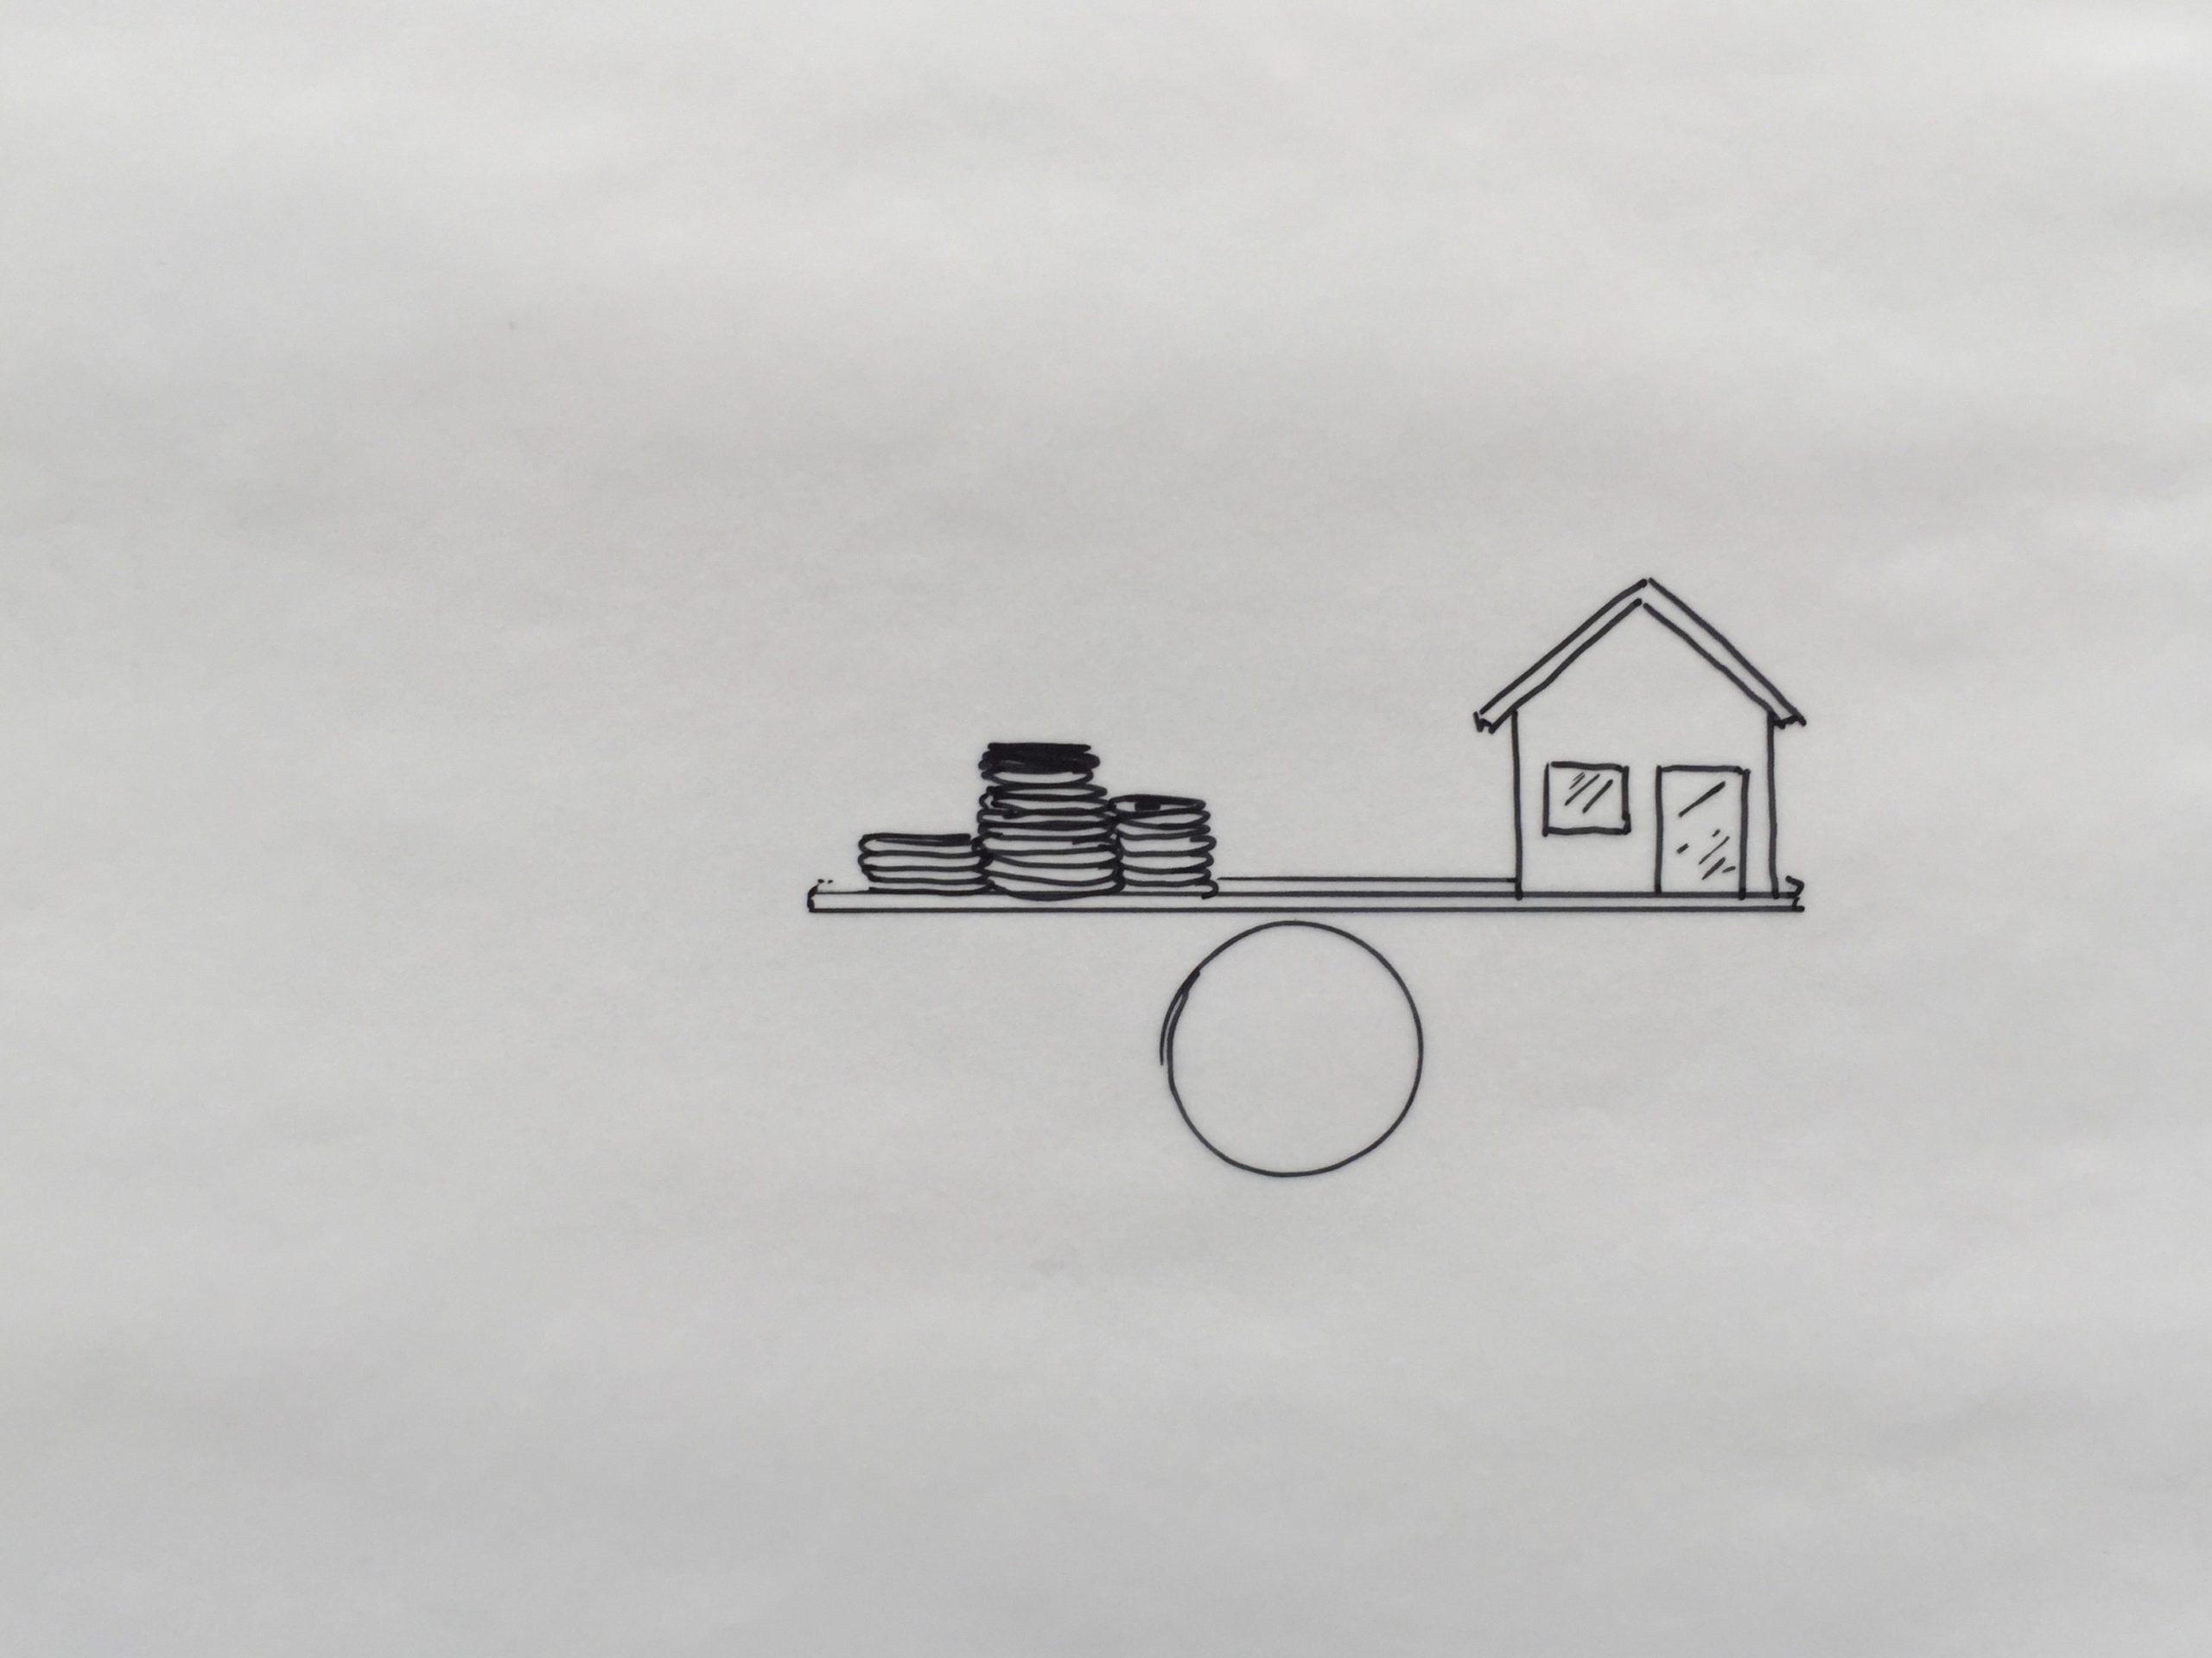 Baufinanzierung –Skizze: Waage mit Geldstücken auf der einen & Haus auf der anderen Seite –steht für gute Balance zwischen Spielraum & Verpflichtung bei Bauvorhaben & Immobilienkauf.